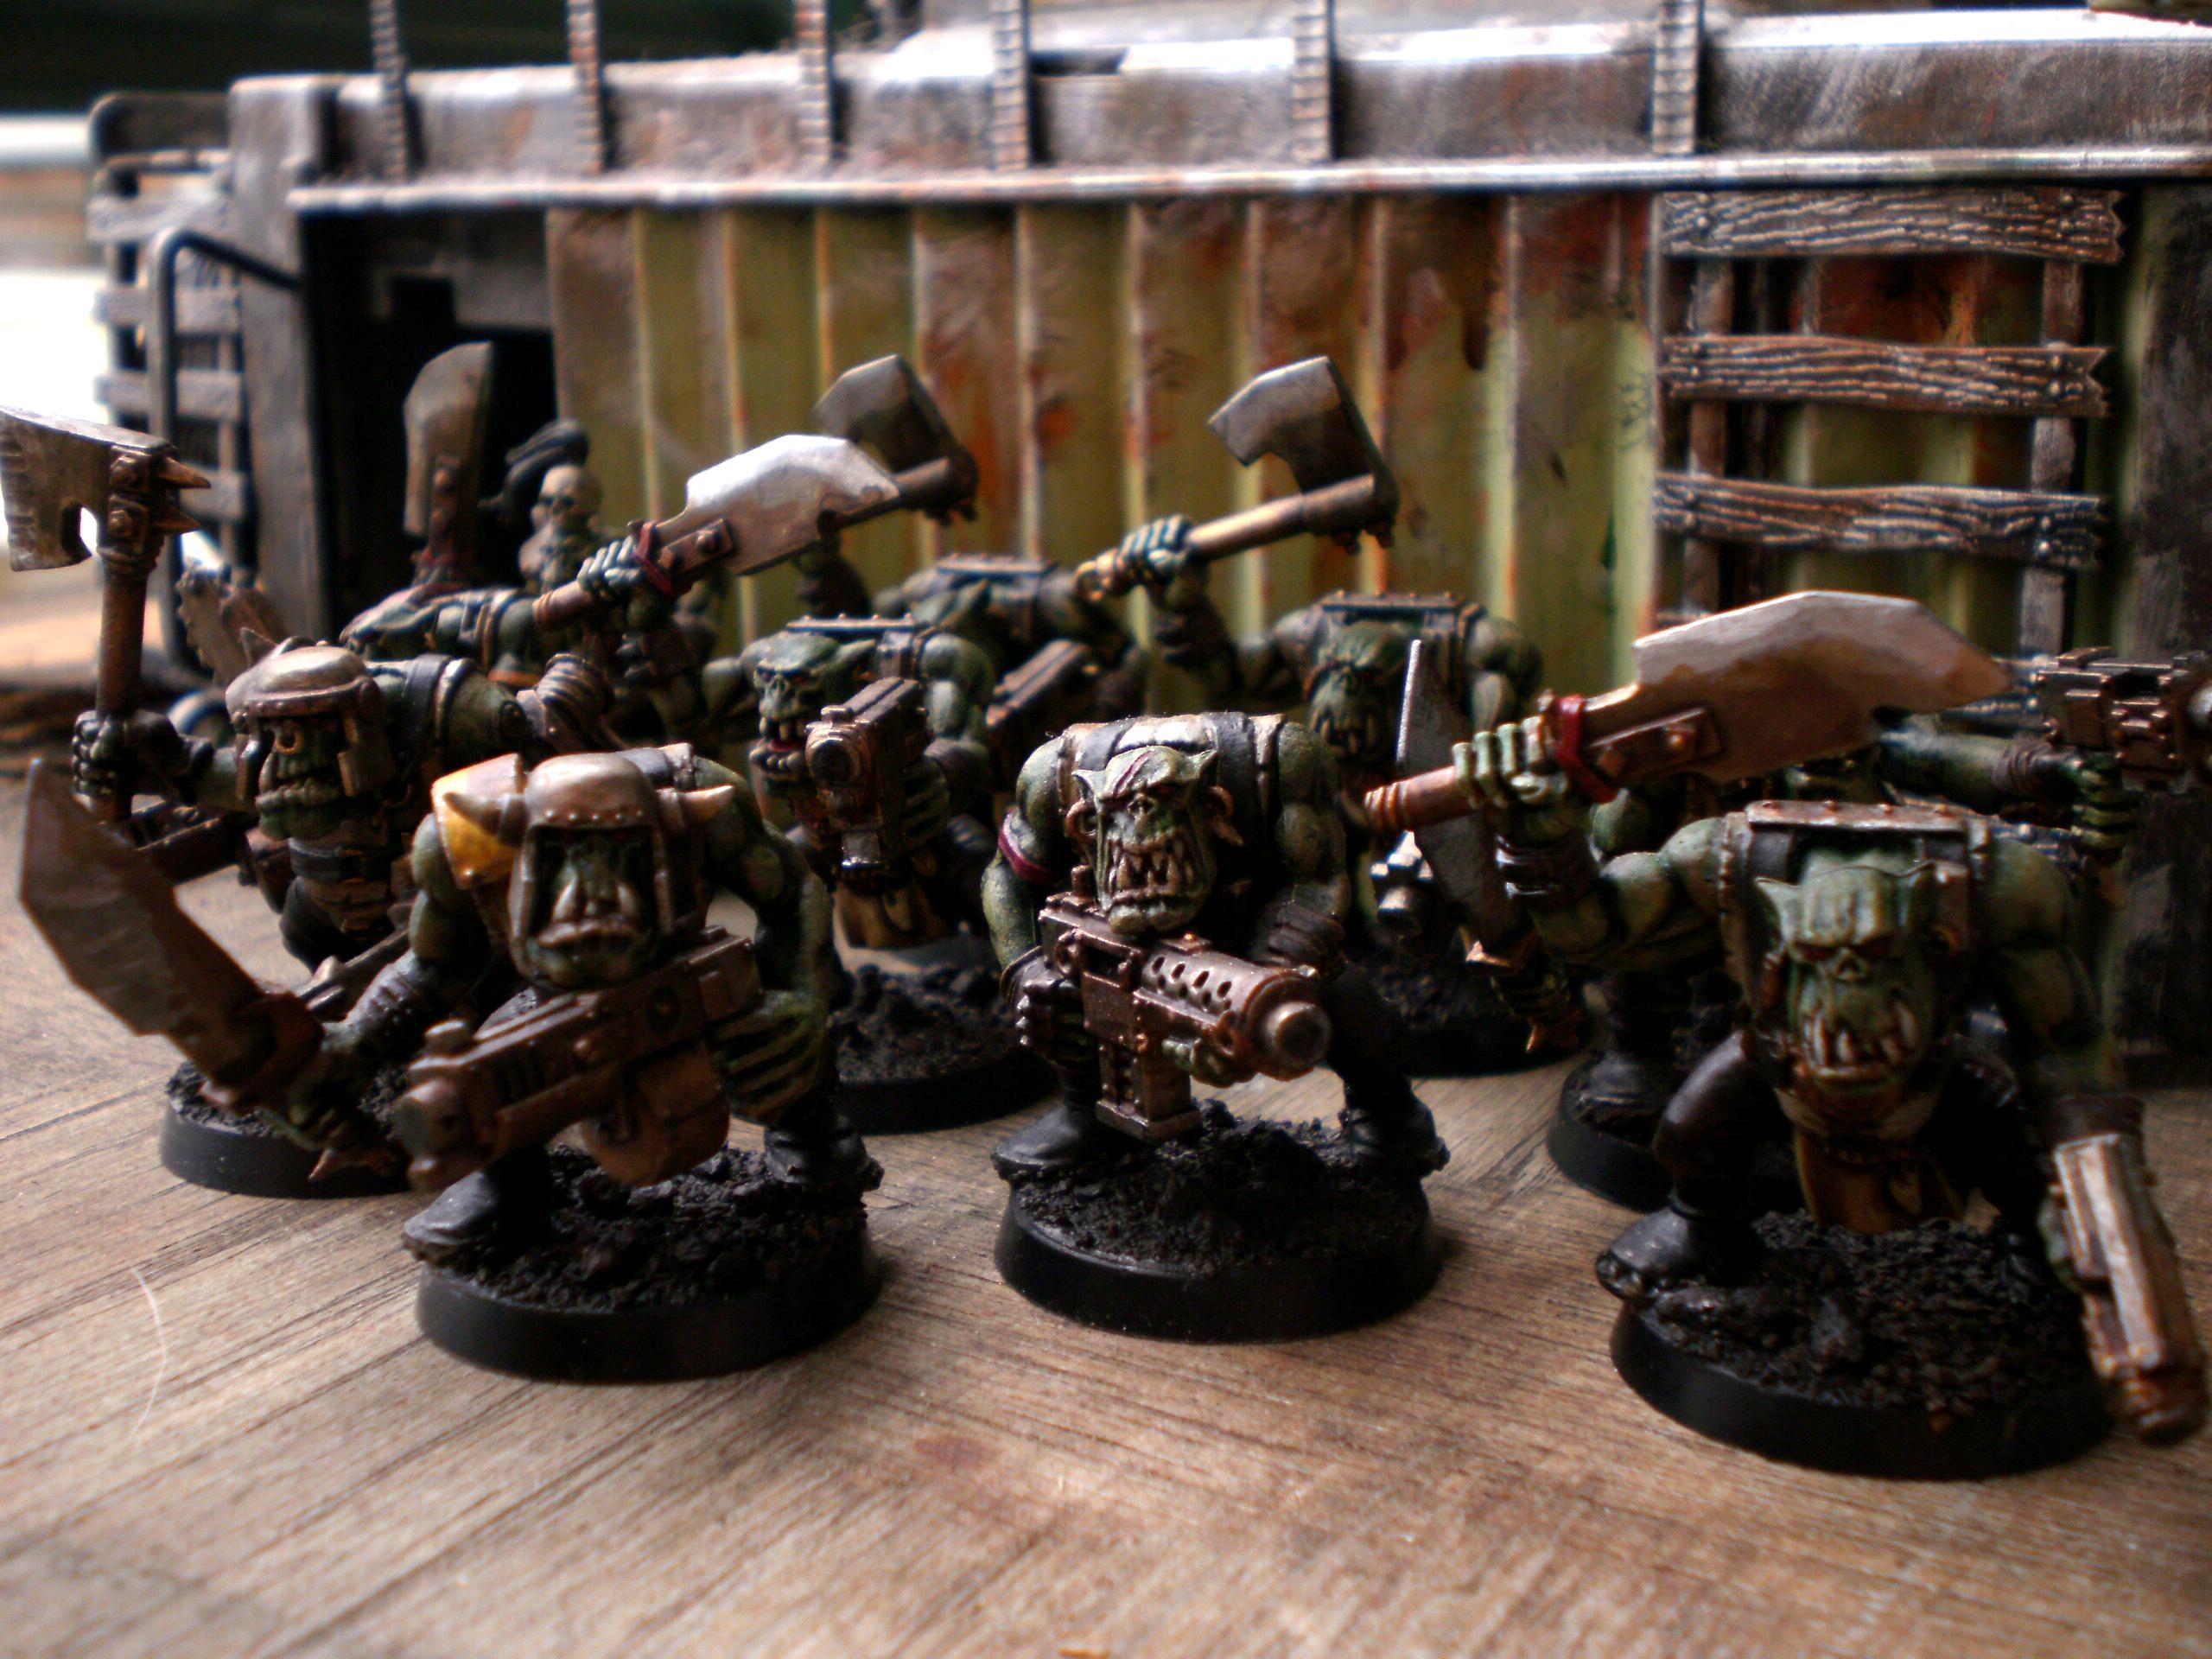 Orks, Slugga Boyz, Boys squad